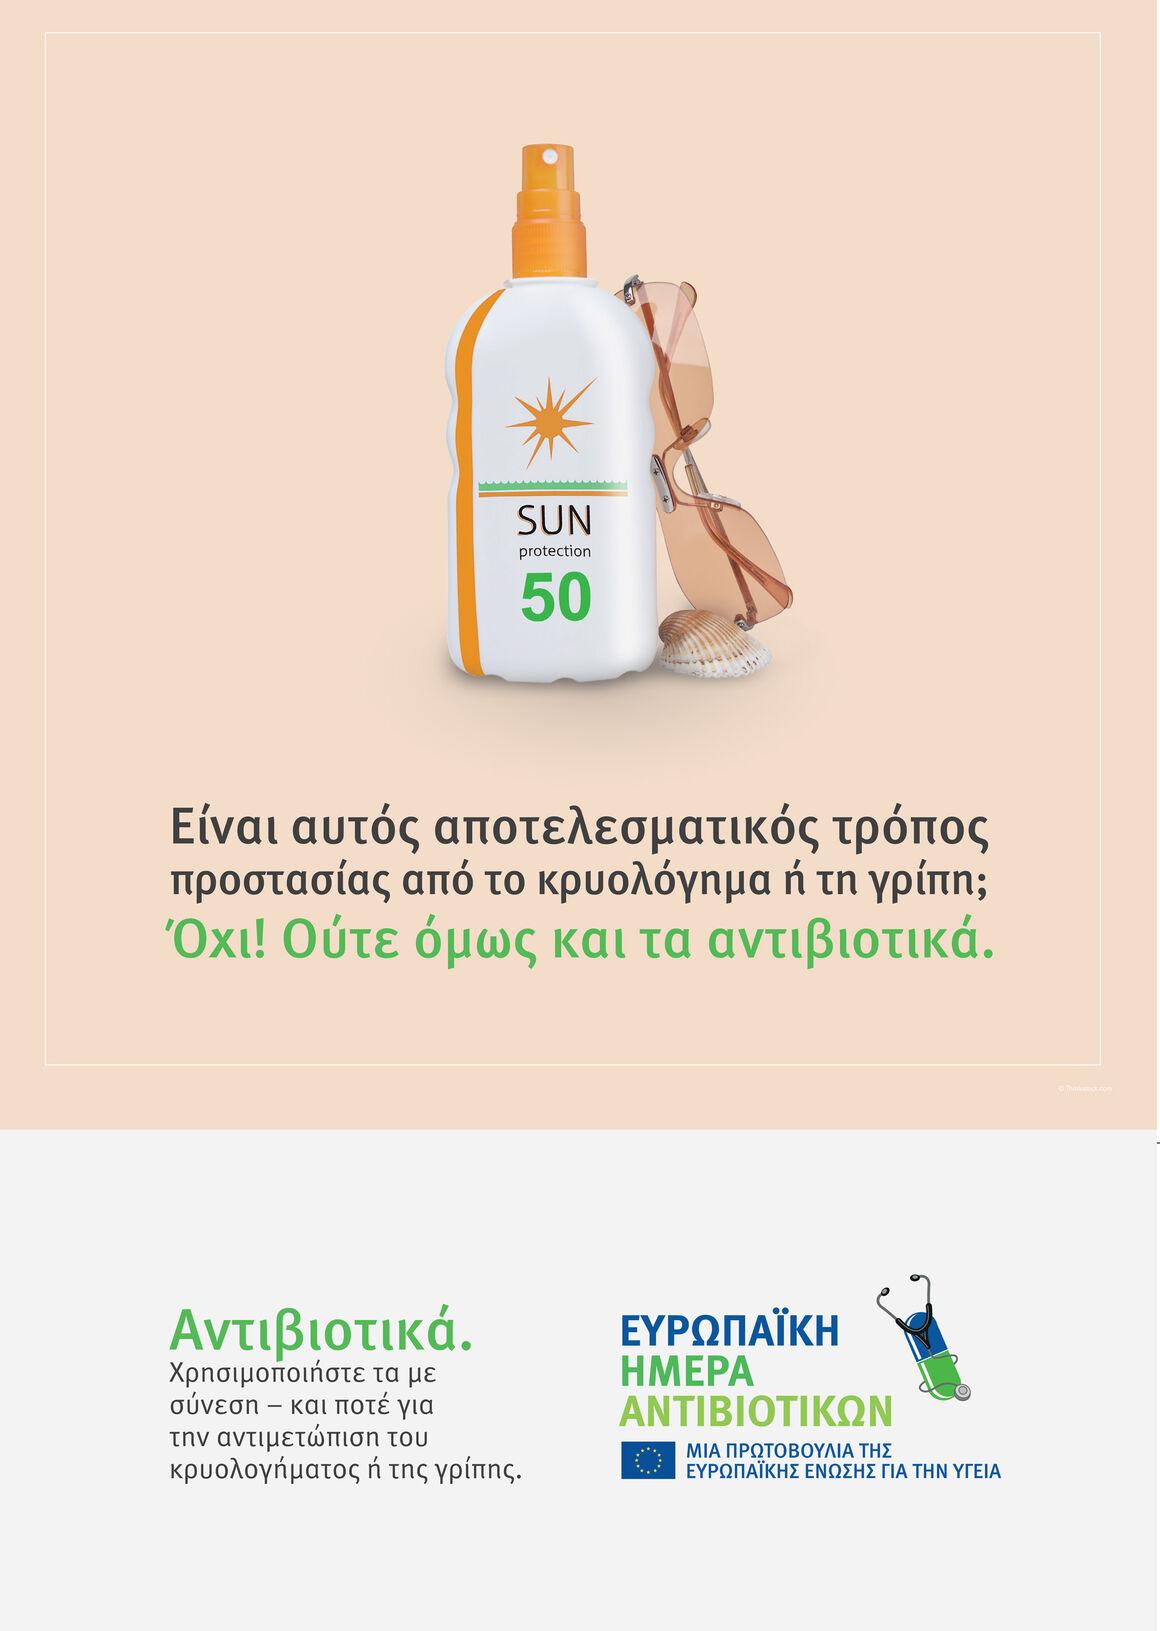 Αφίσες: Είναι αυτός αποτελεσματικός τρόπος προστασίας από το κρυολόγημα ή τη γρίπη; Όχι! Ούτε όμως και τα αντιβιοτικά.